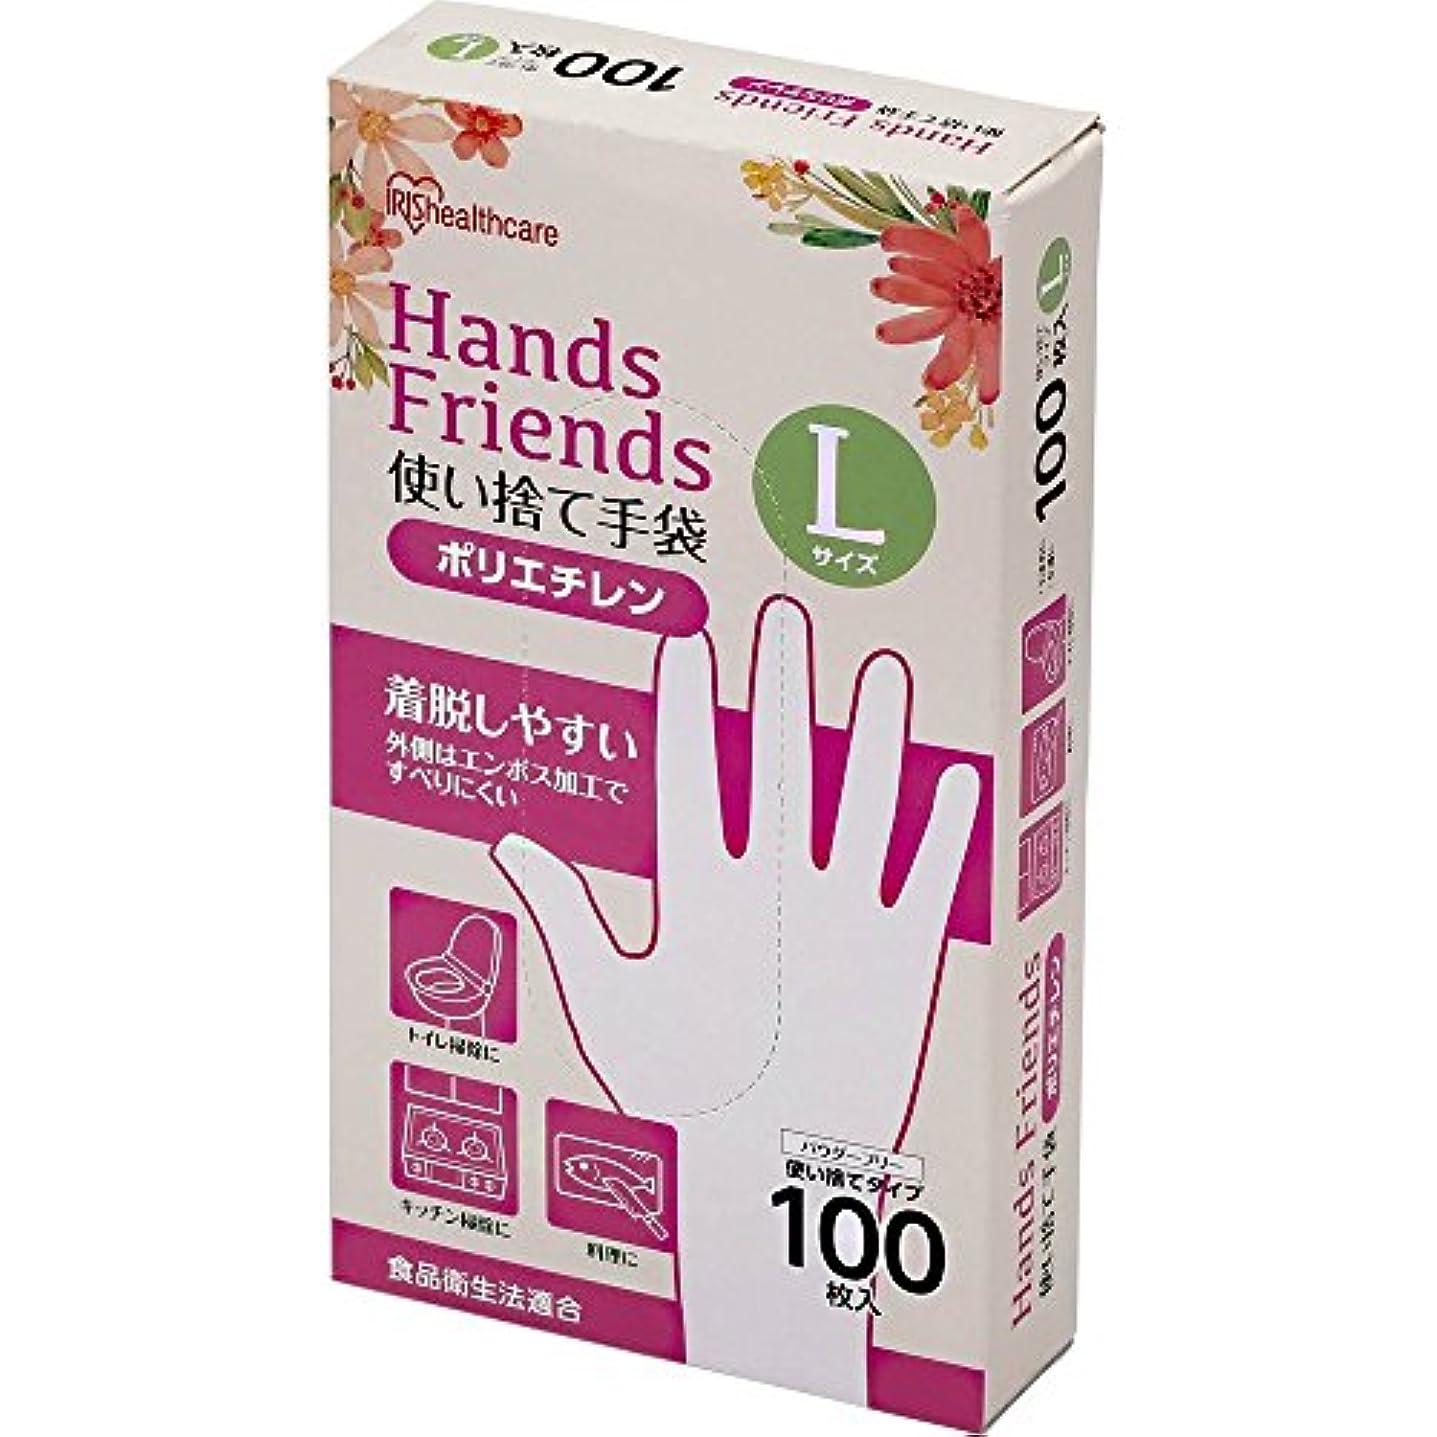 第二革命一回使い捨て手袋 ポリエチレン手袋 Lサイズ 粉なし パウダーフリー クリア 100枚入